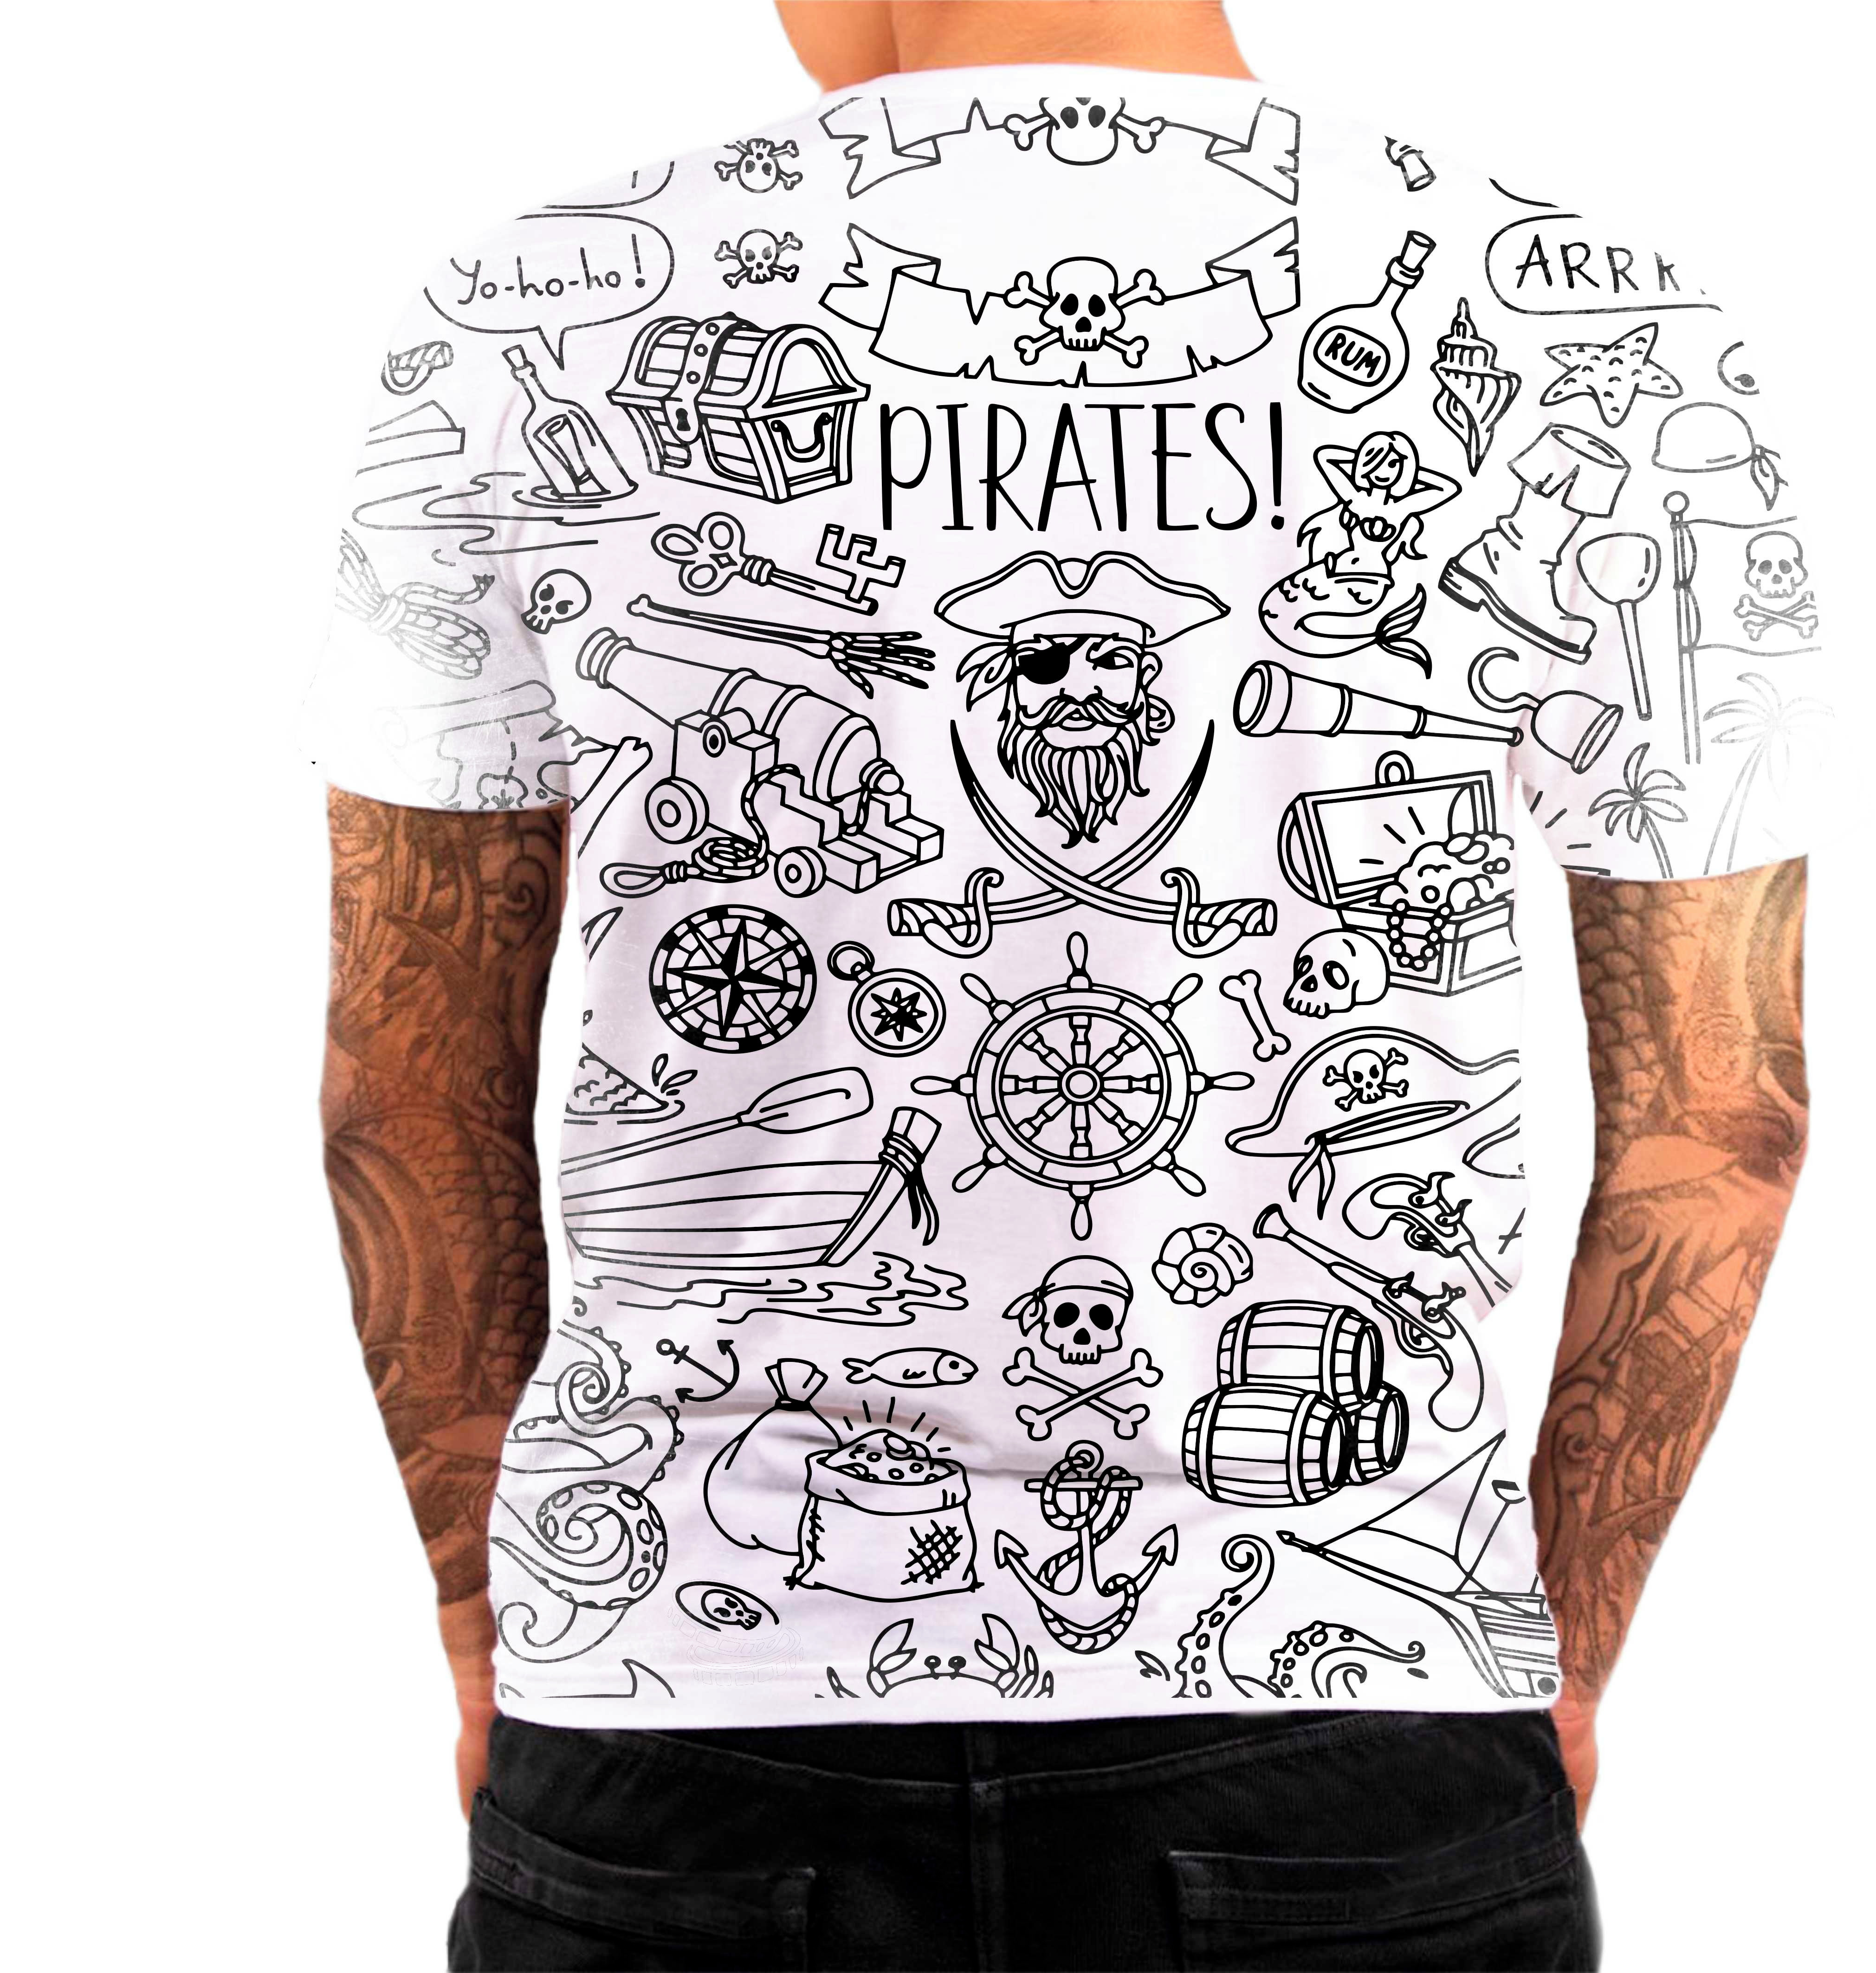 Camisa Camiseta Personalizada Caveira Pirata Mexicana 01 no Elo7 ... 2b94acd37d6